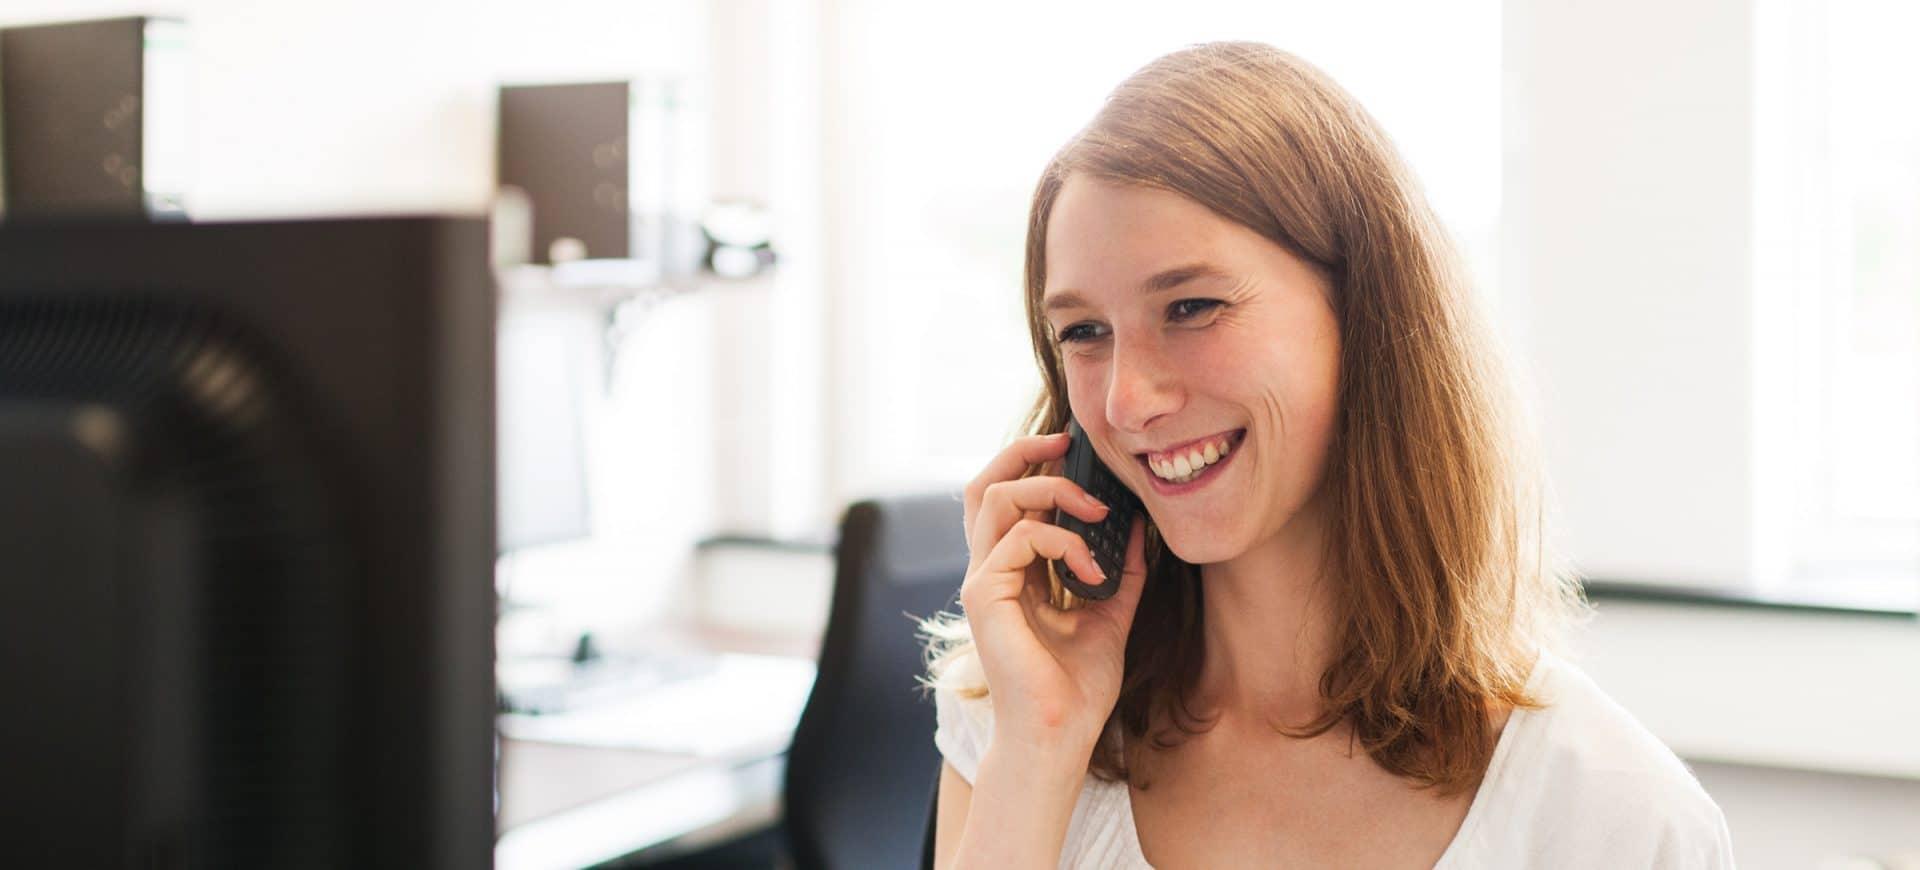 Unsere Mitarbeiterin am Empfang telefoniert mit Mandanten